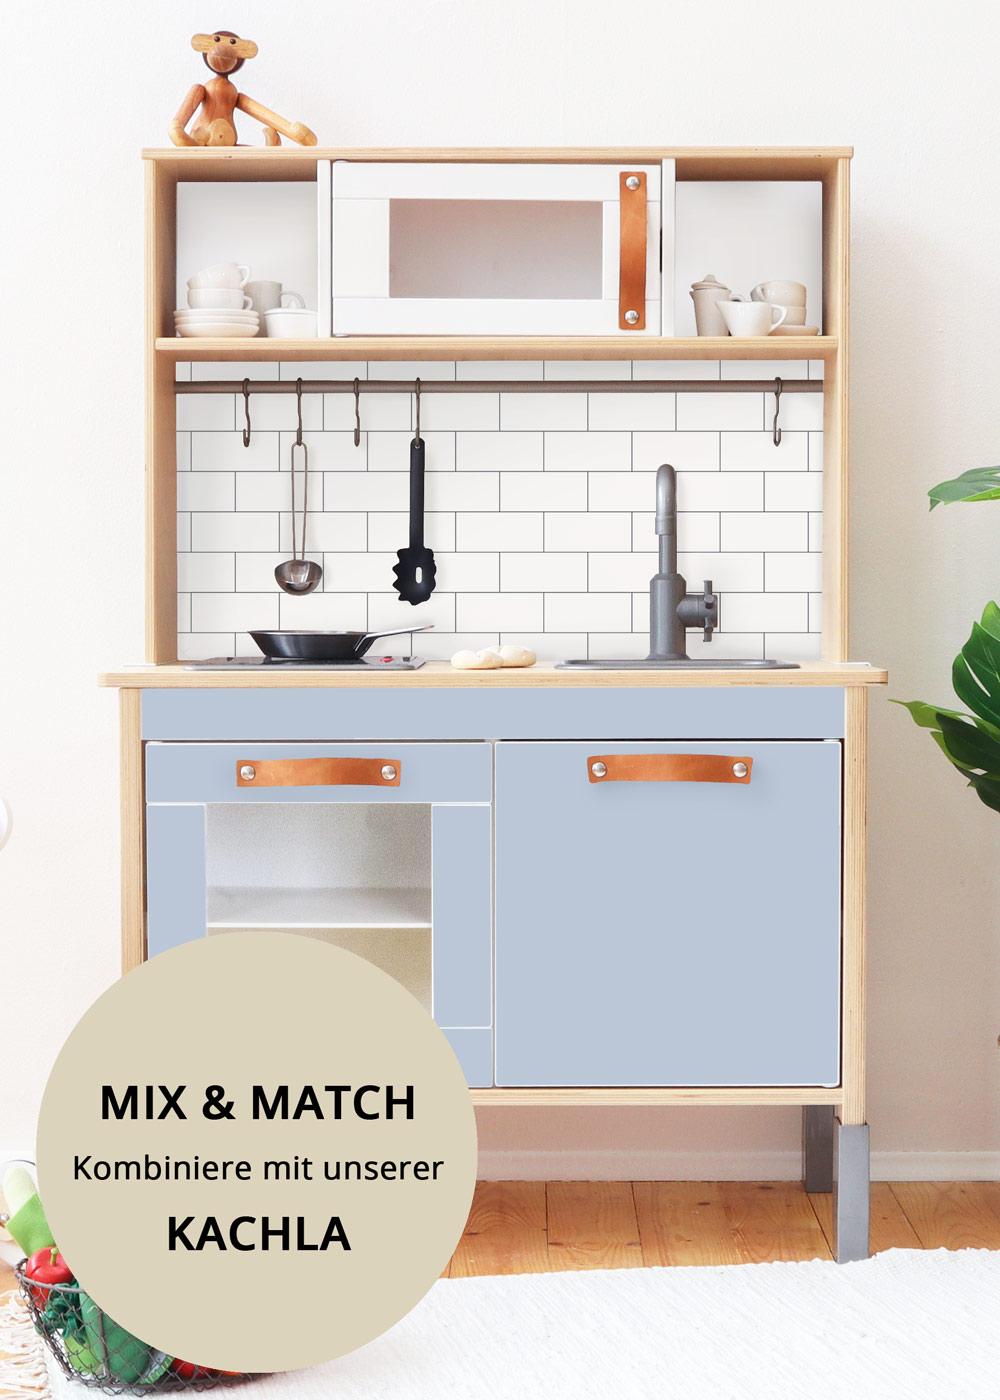 Ikea Duktig Kinderküche Frontli Nordisch blau Teilansicht Tür